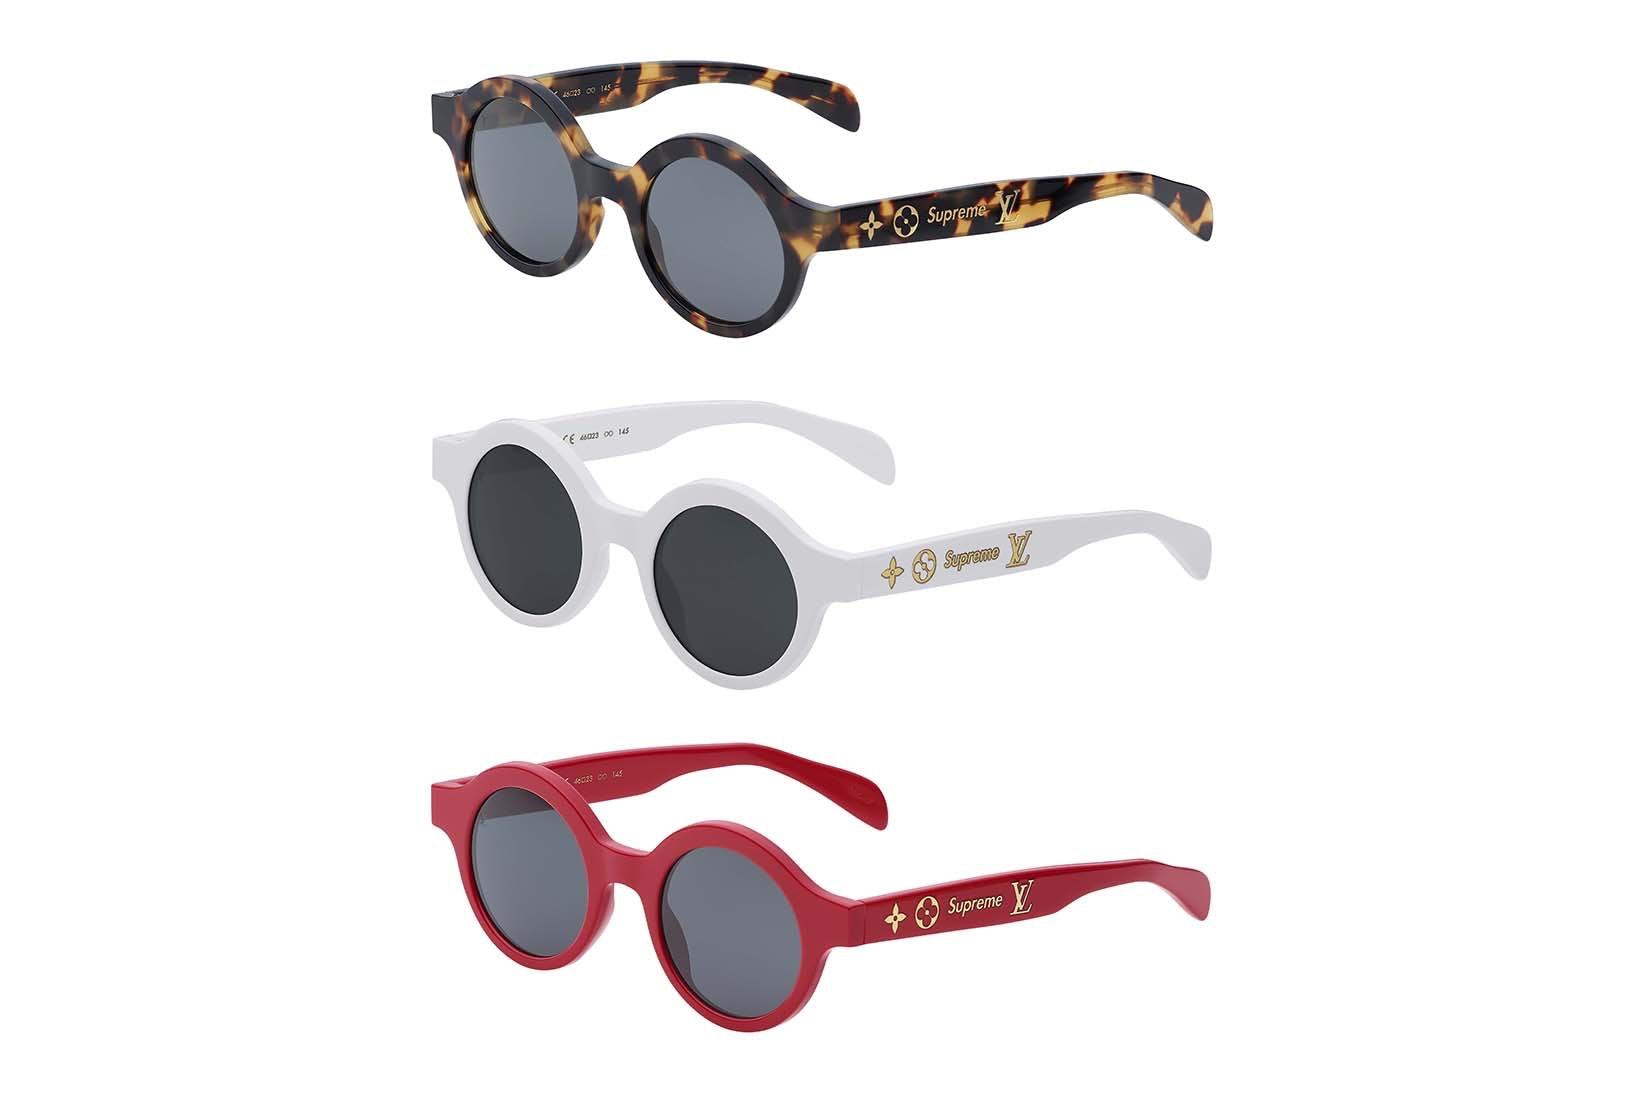 Supreme(シュプリーム)×Louis Vuitton(ルイ・ヴィトン) / ダウンタウン サングラス(Downtown Sunglasses)